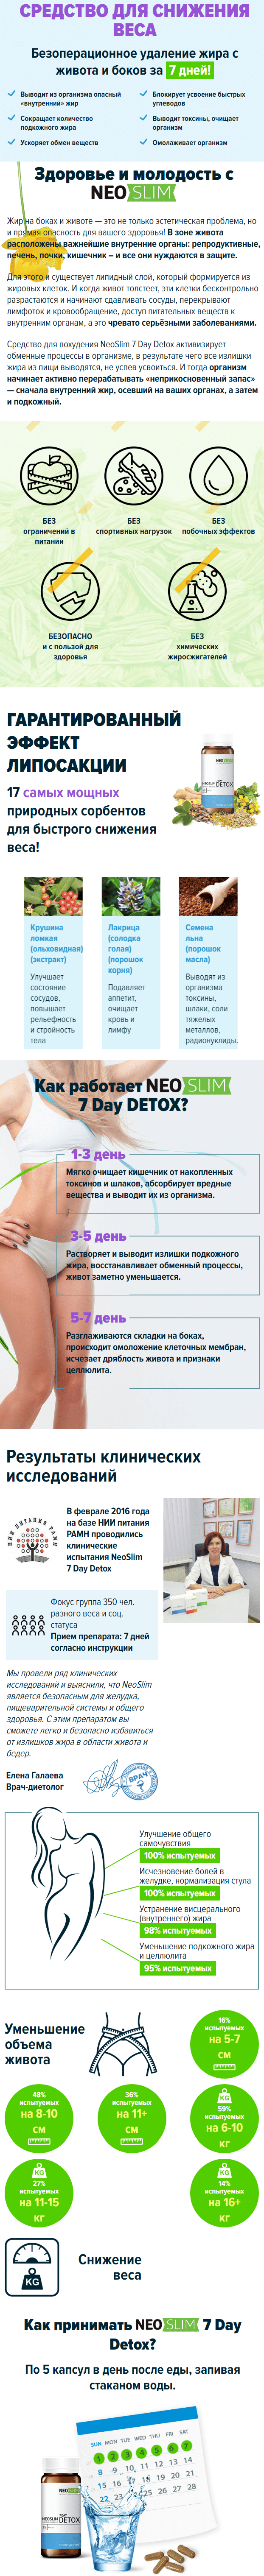 Программы похудения 4 недели